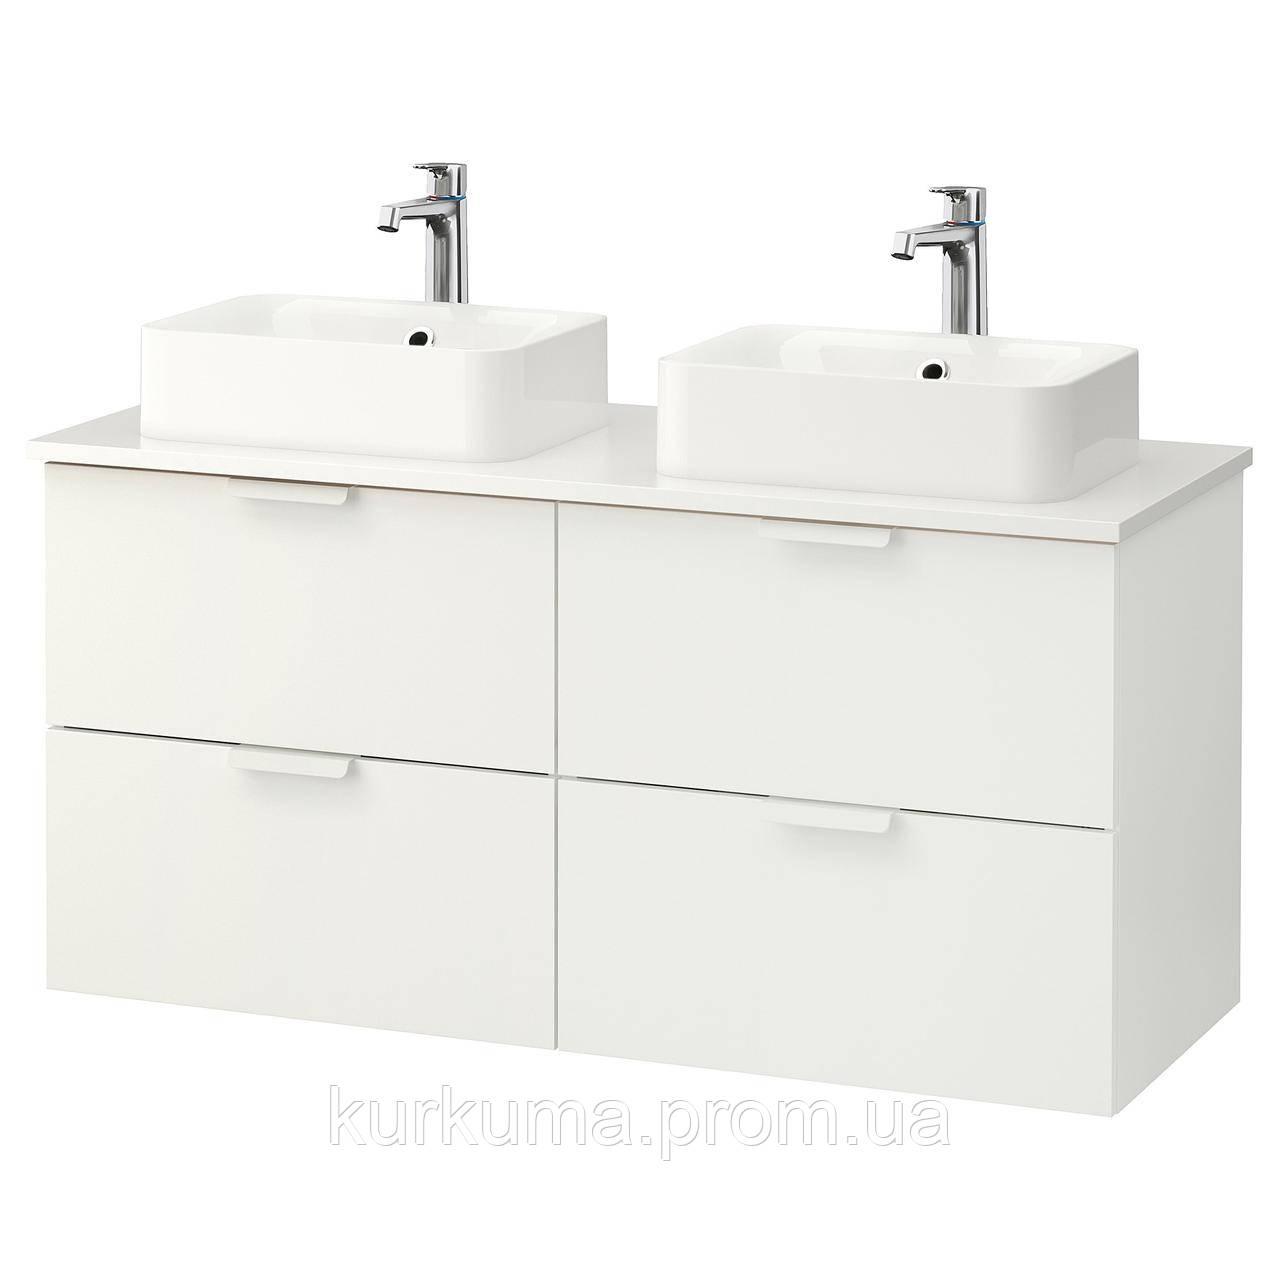 IKEA GODMORGON/TOLKEN/HORVIK Шкаф под умывальник с раковиной 45x32, белый, белый  (692.087.00)